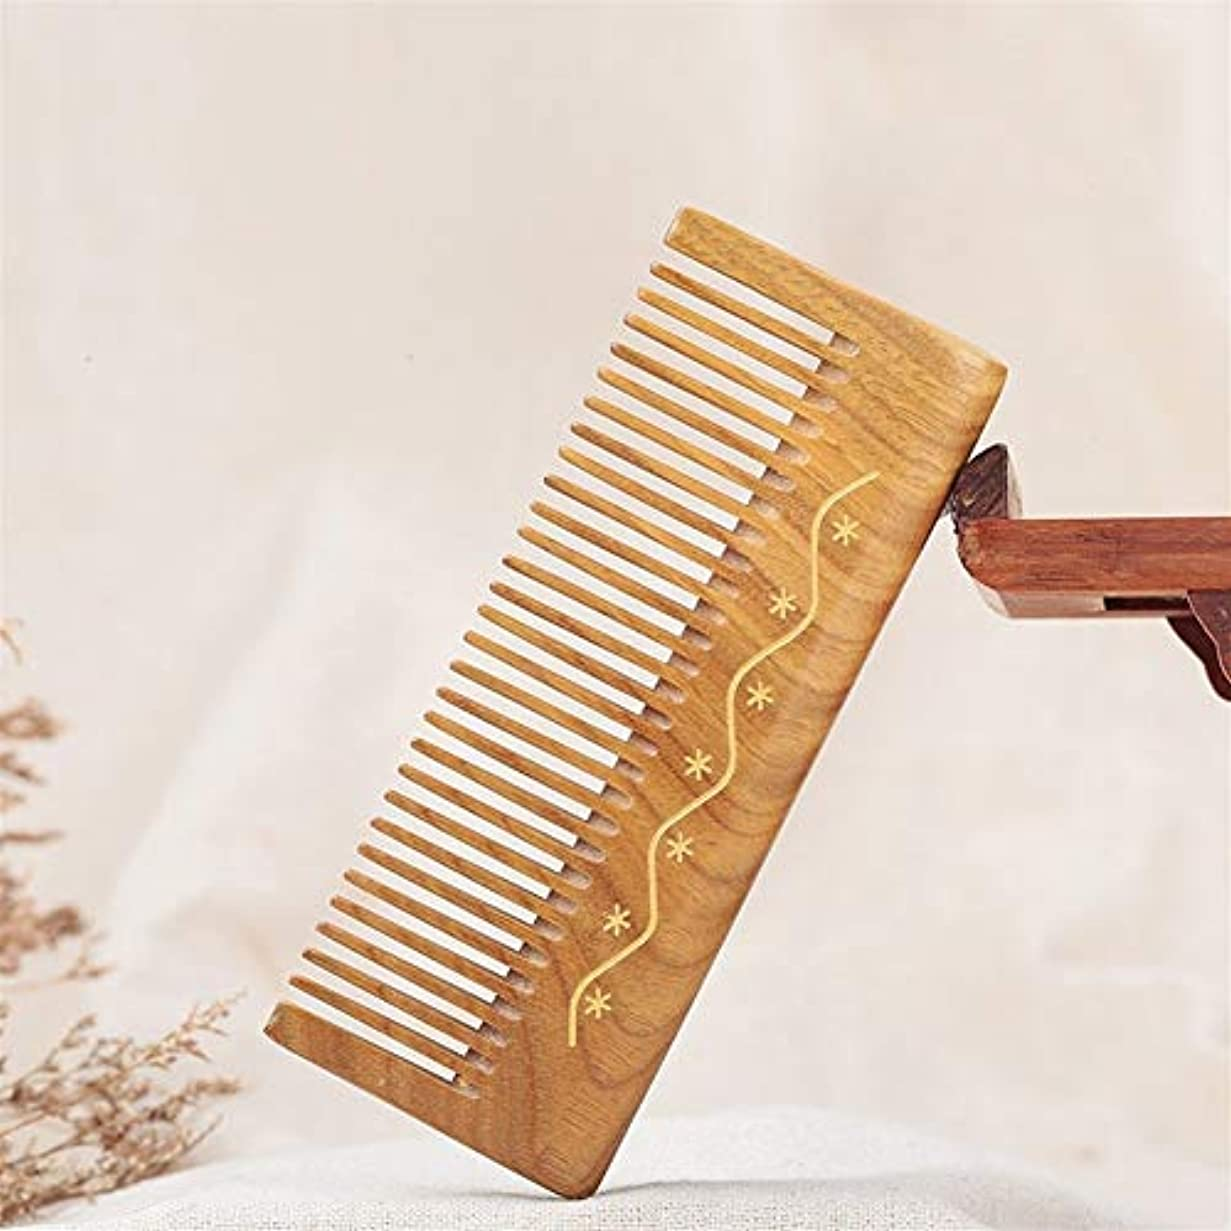 優しさリングレットしつけGuomao グリーンサンダルウッドコームナチュラルサンダルウッド木製コーム肥厚ジェイドサンダルウッドコーム (Size : 12.5*4.6*1 cm)